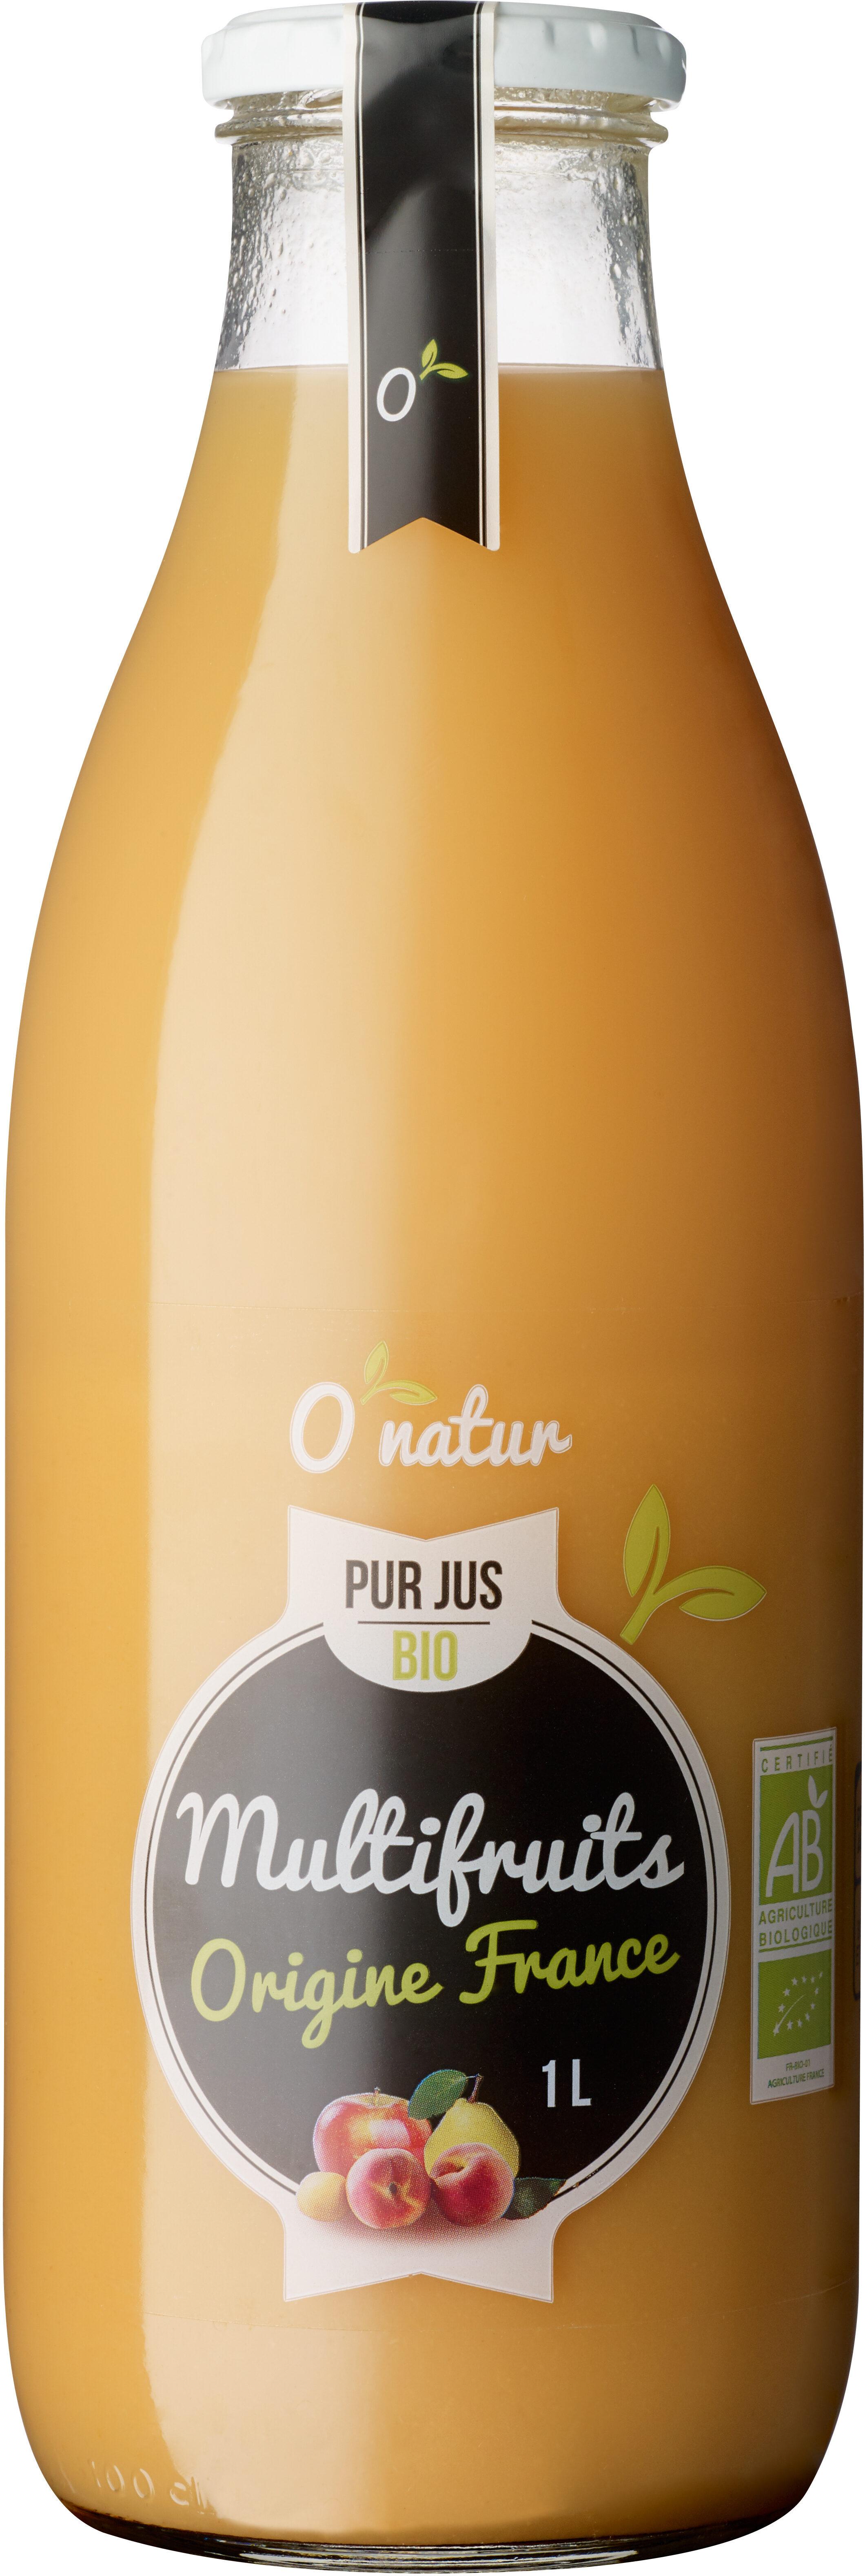 Pur Jus de multifruits Bio - Prodotto - fr